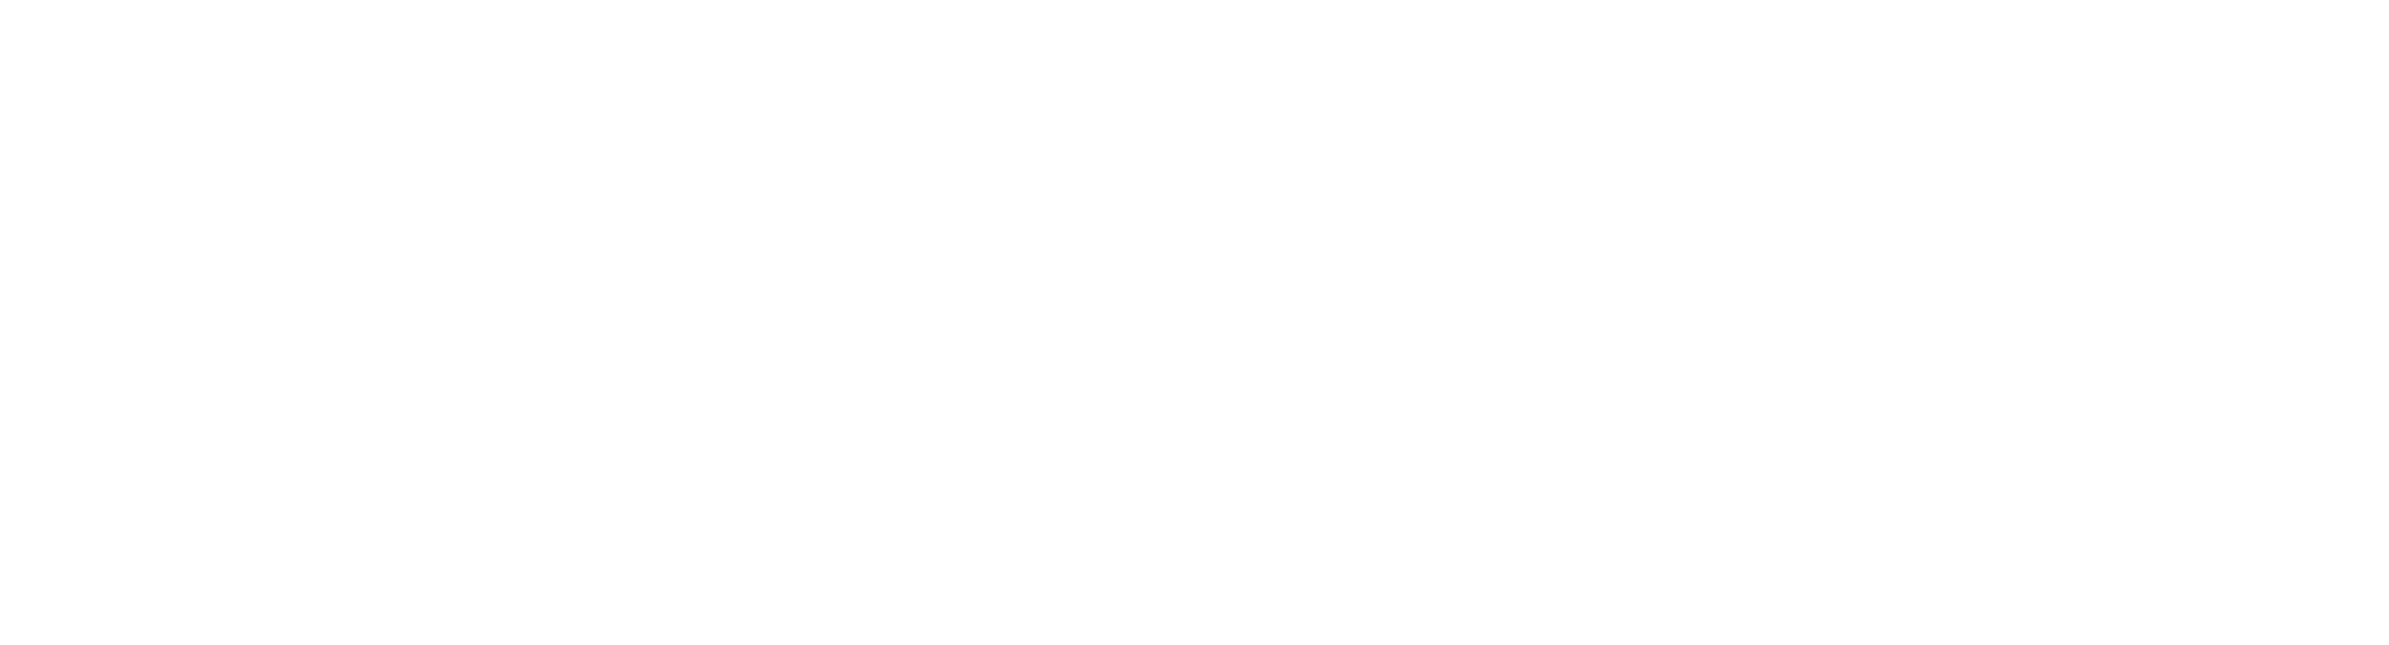 Waypoint Logo White.png